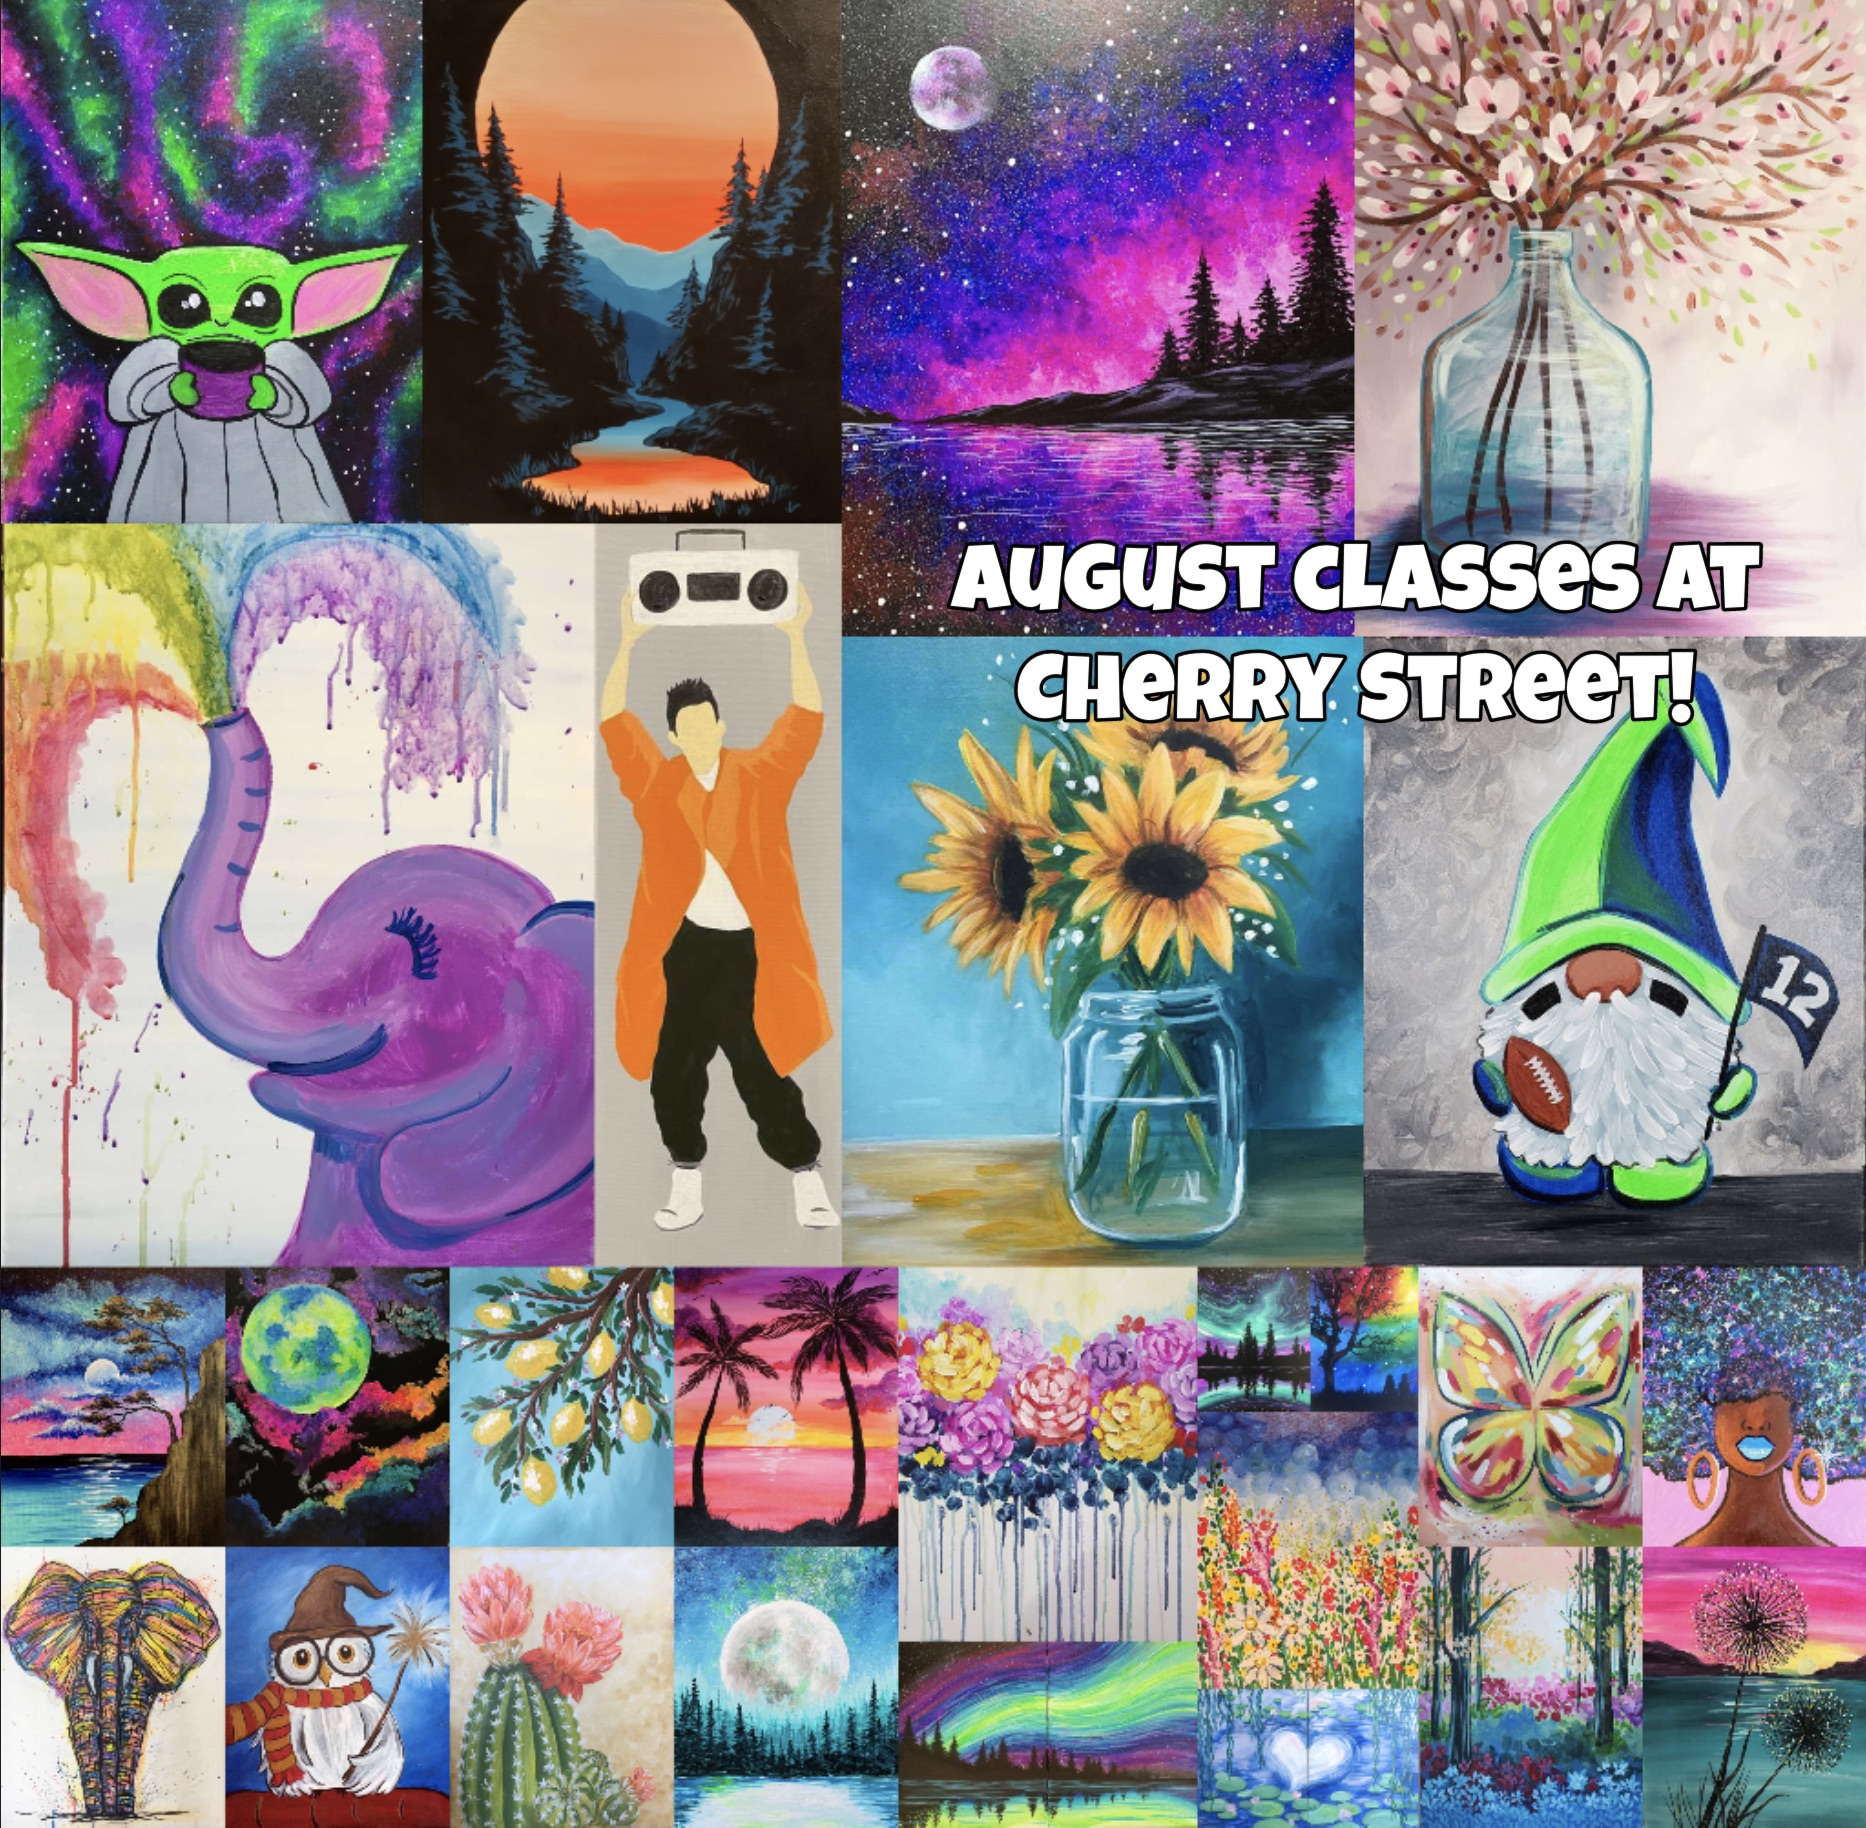 Cherry Street's August Calendar